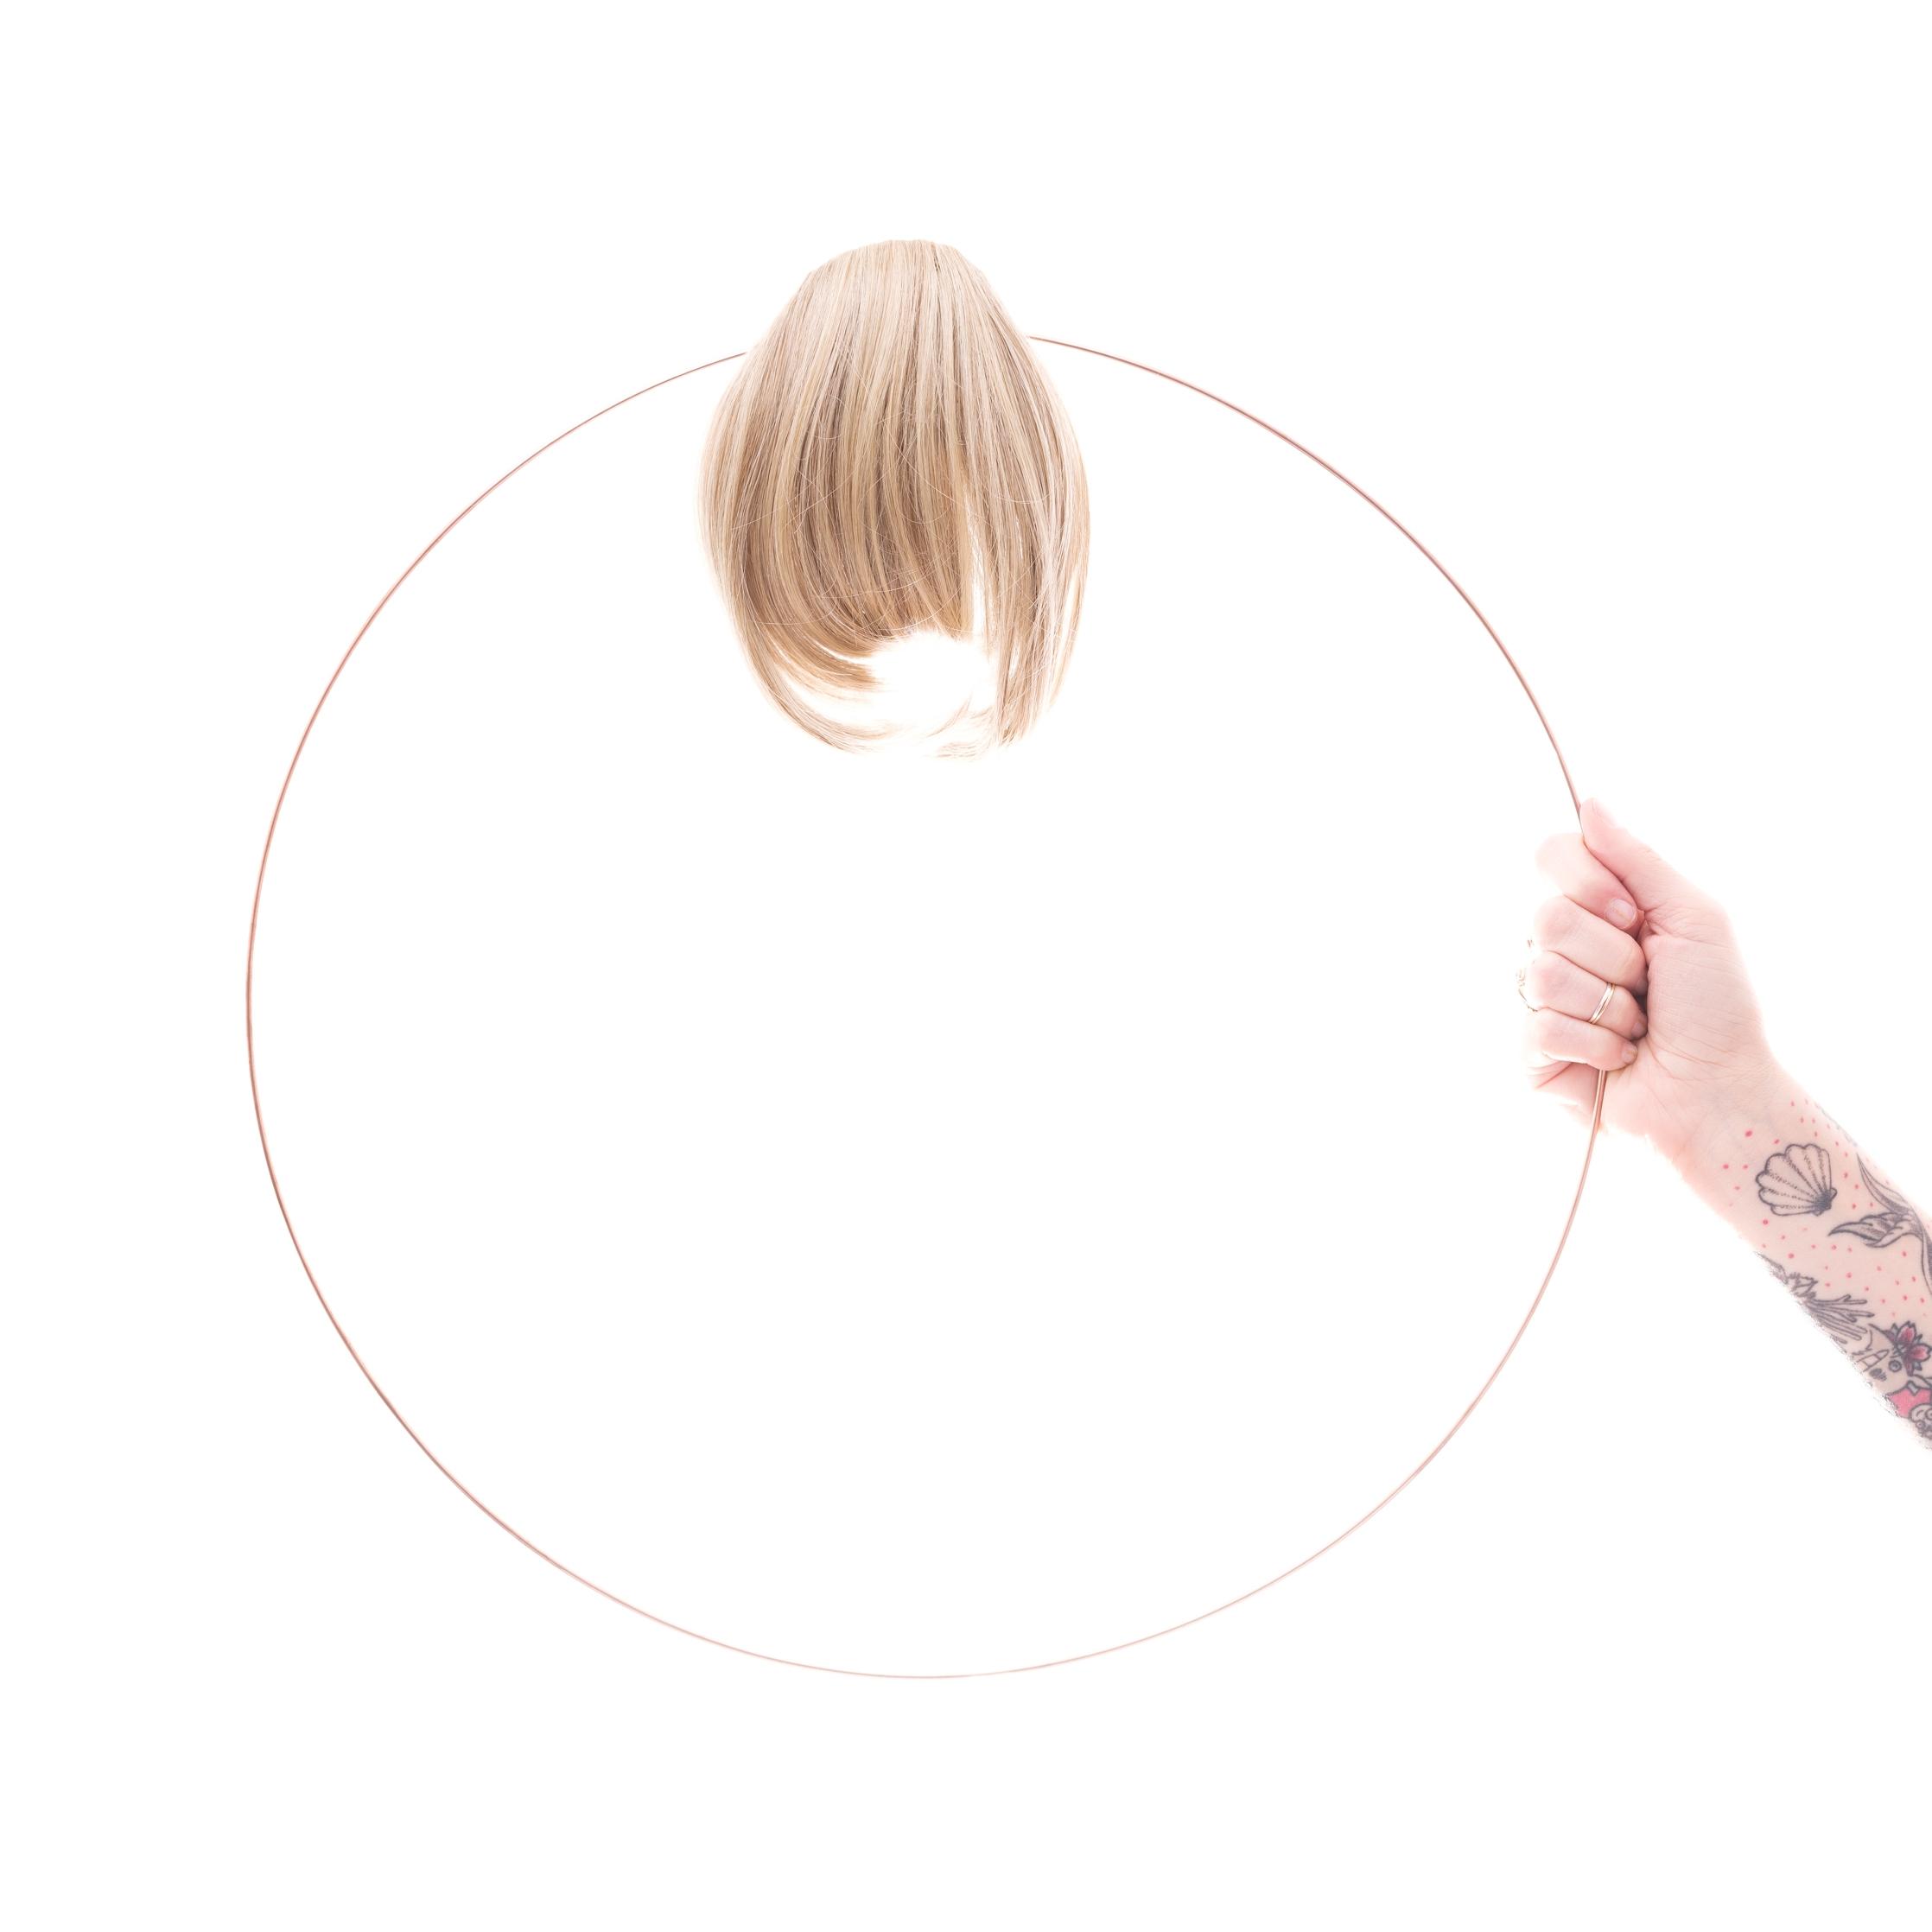 Alex/Blond méché